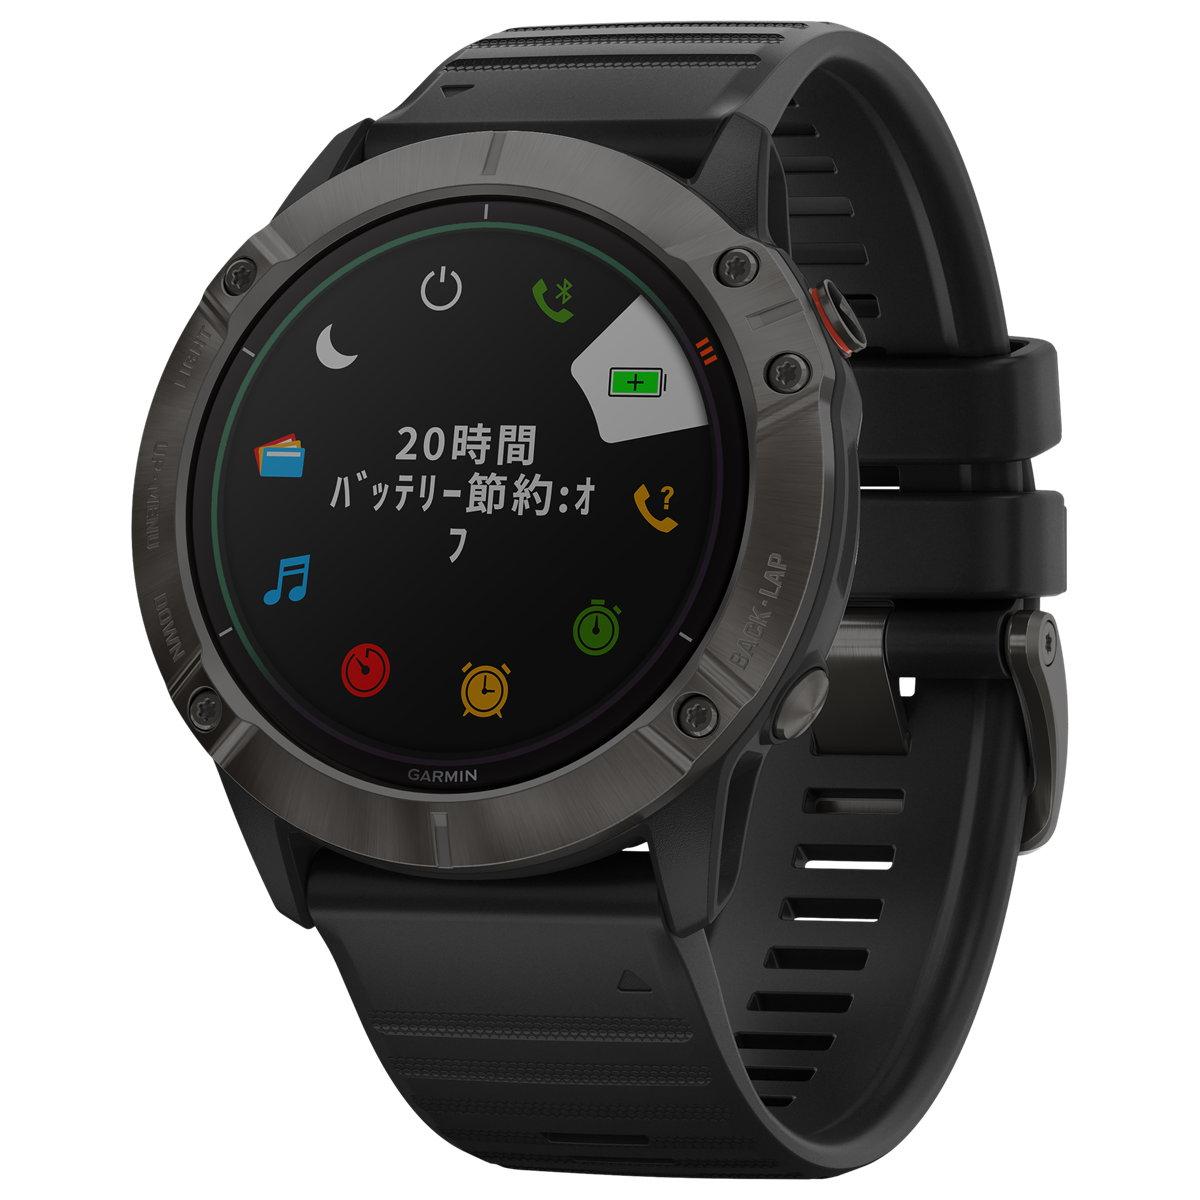 ガーミン GARMIN マルチスポーツGPSウォッチ フェニックス 6X Pro ソーラー充電レンズ搭載 腕時計 010-02157-53